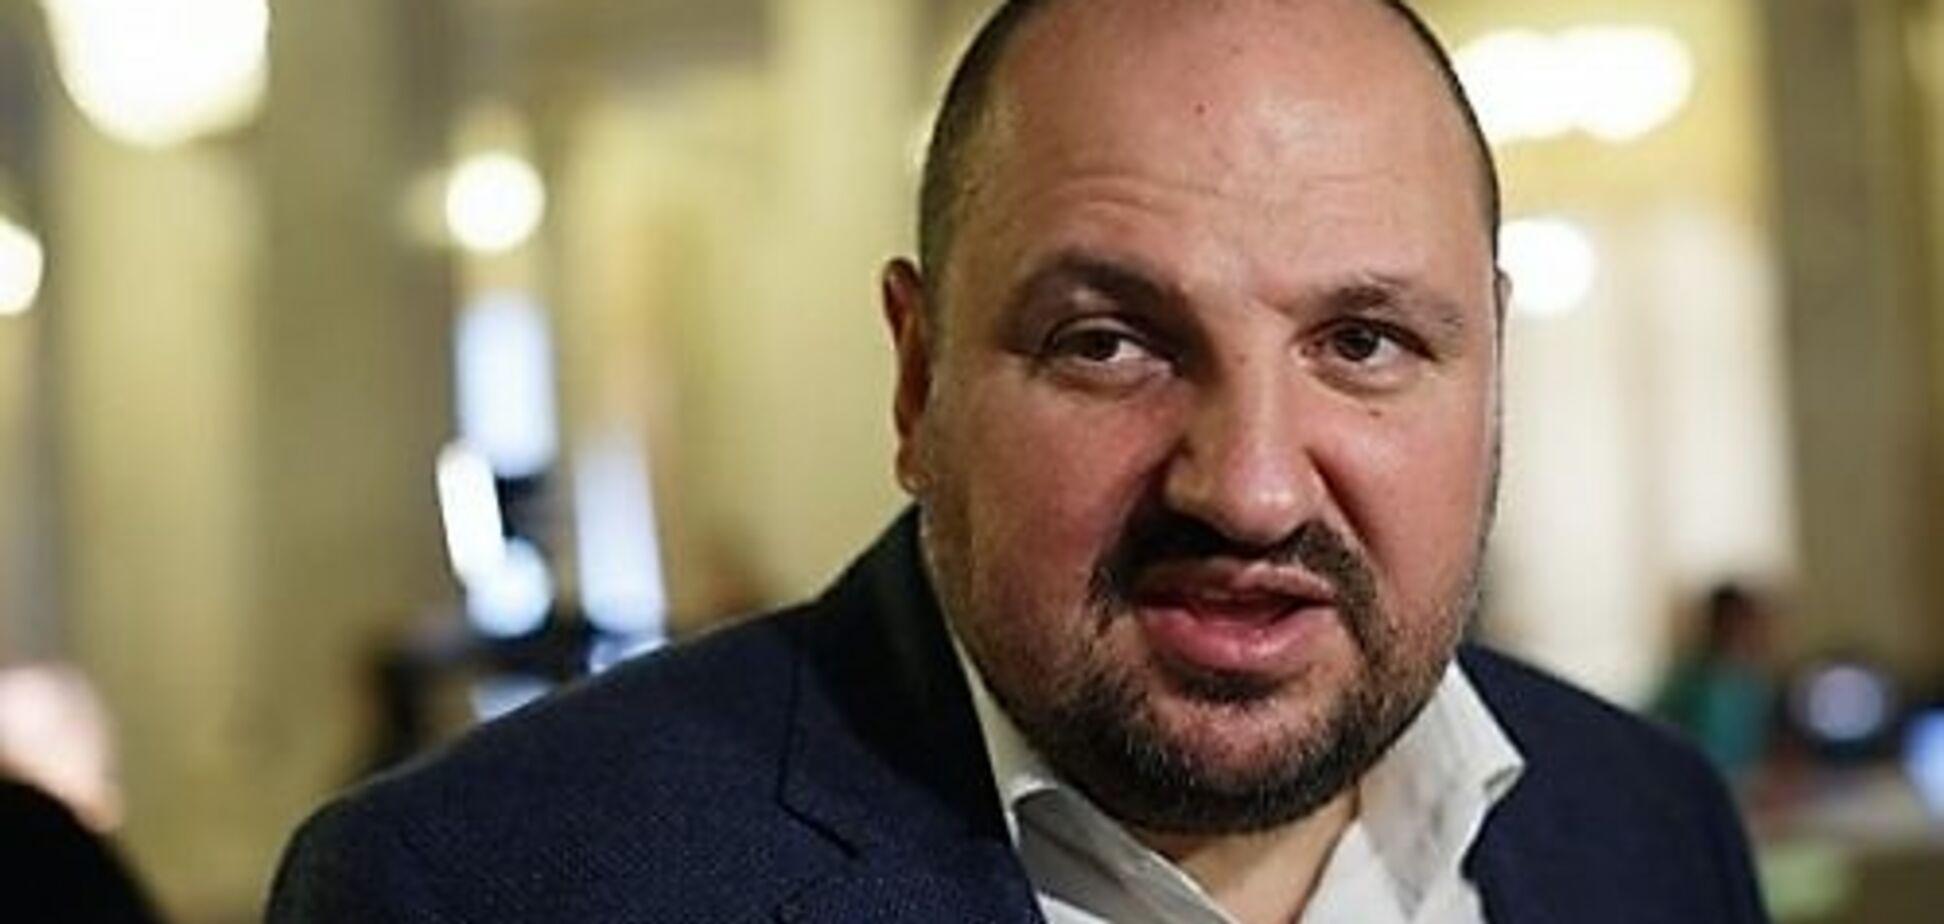 Розенблата поймали на разговоре с главой НАБУ: начато расследование